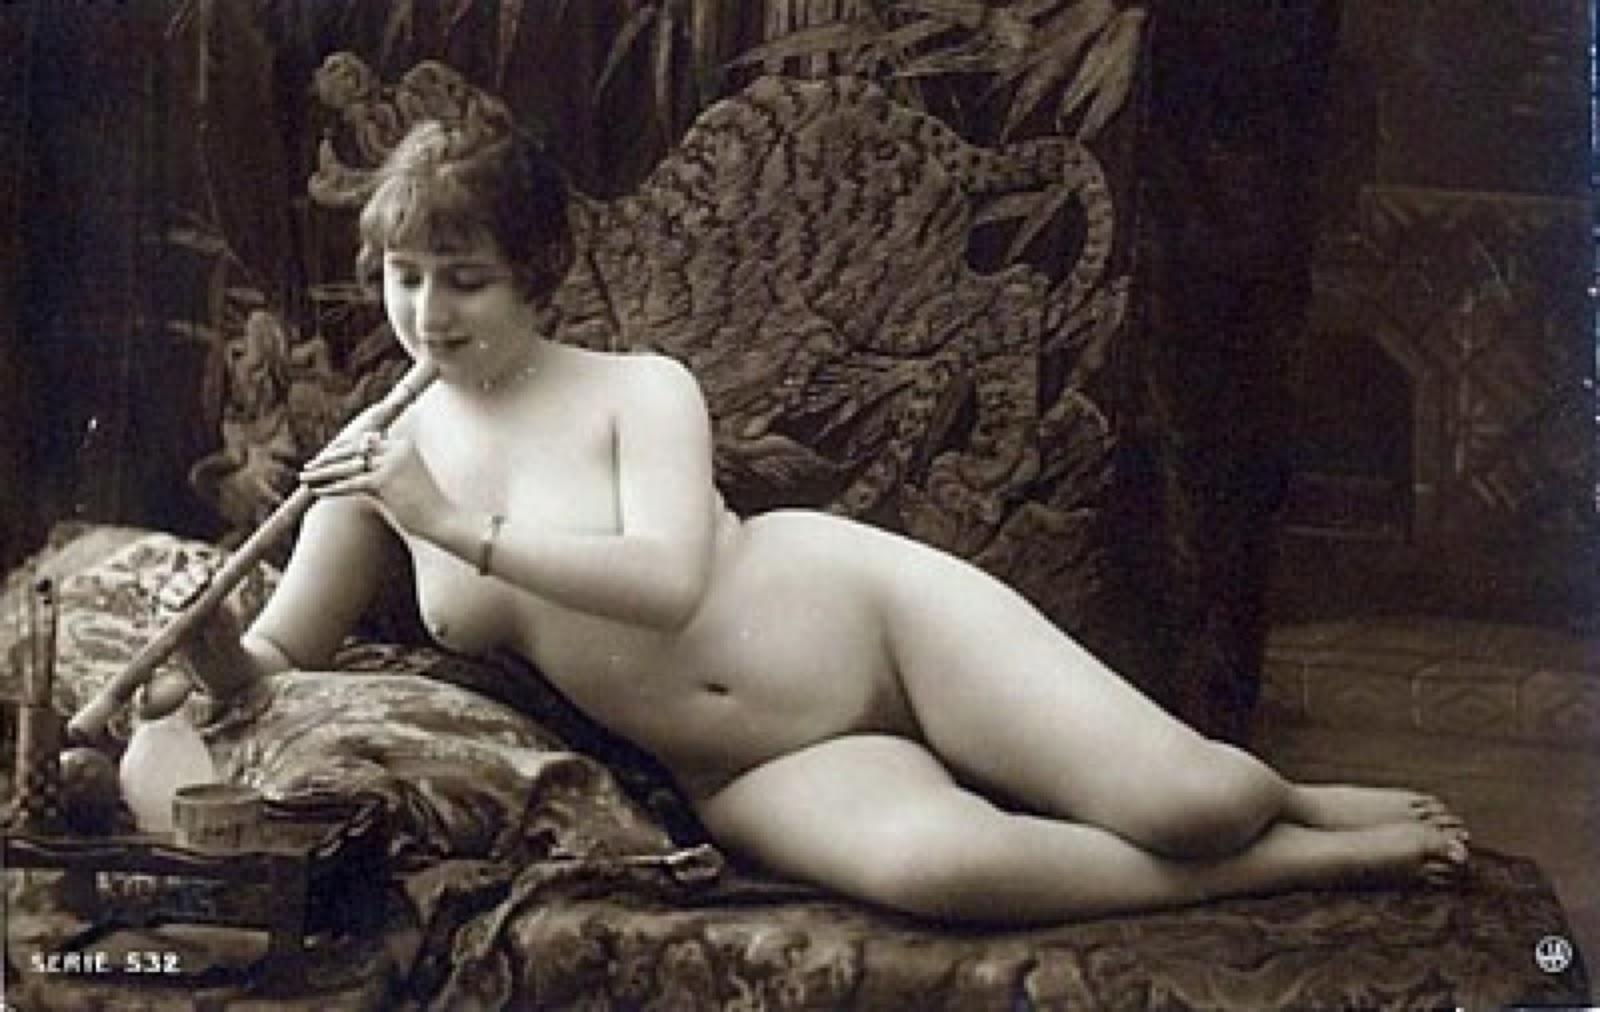 Teen Nude Art Deco 110